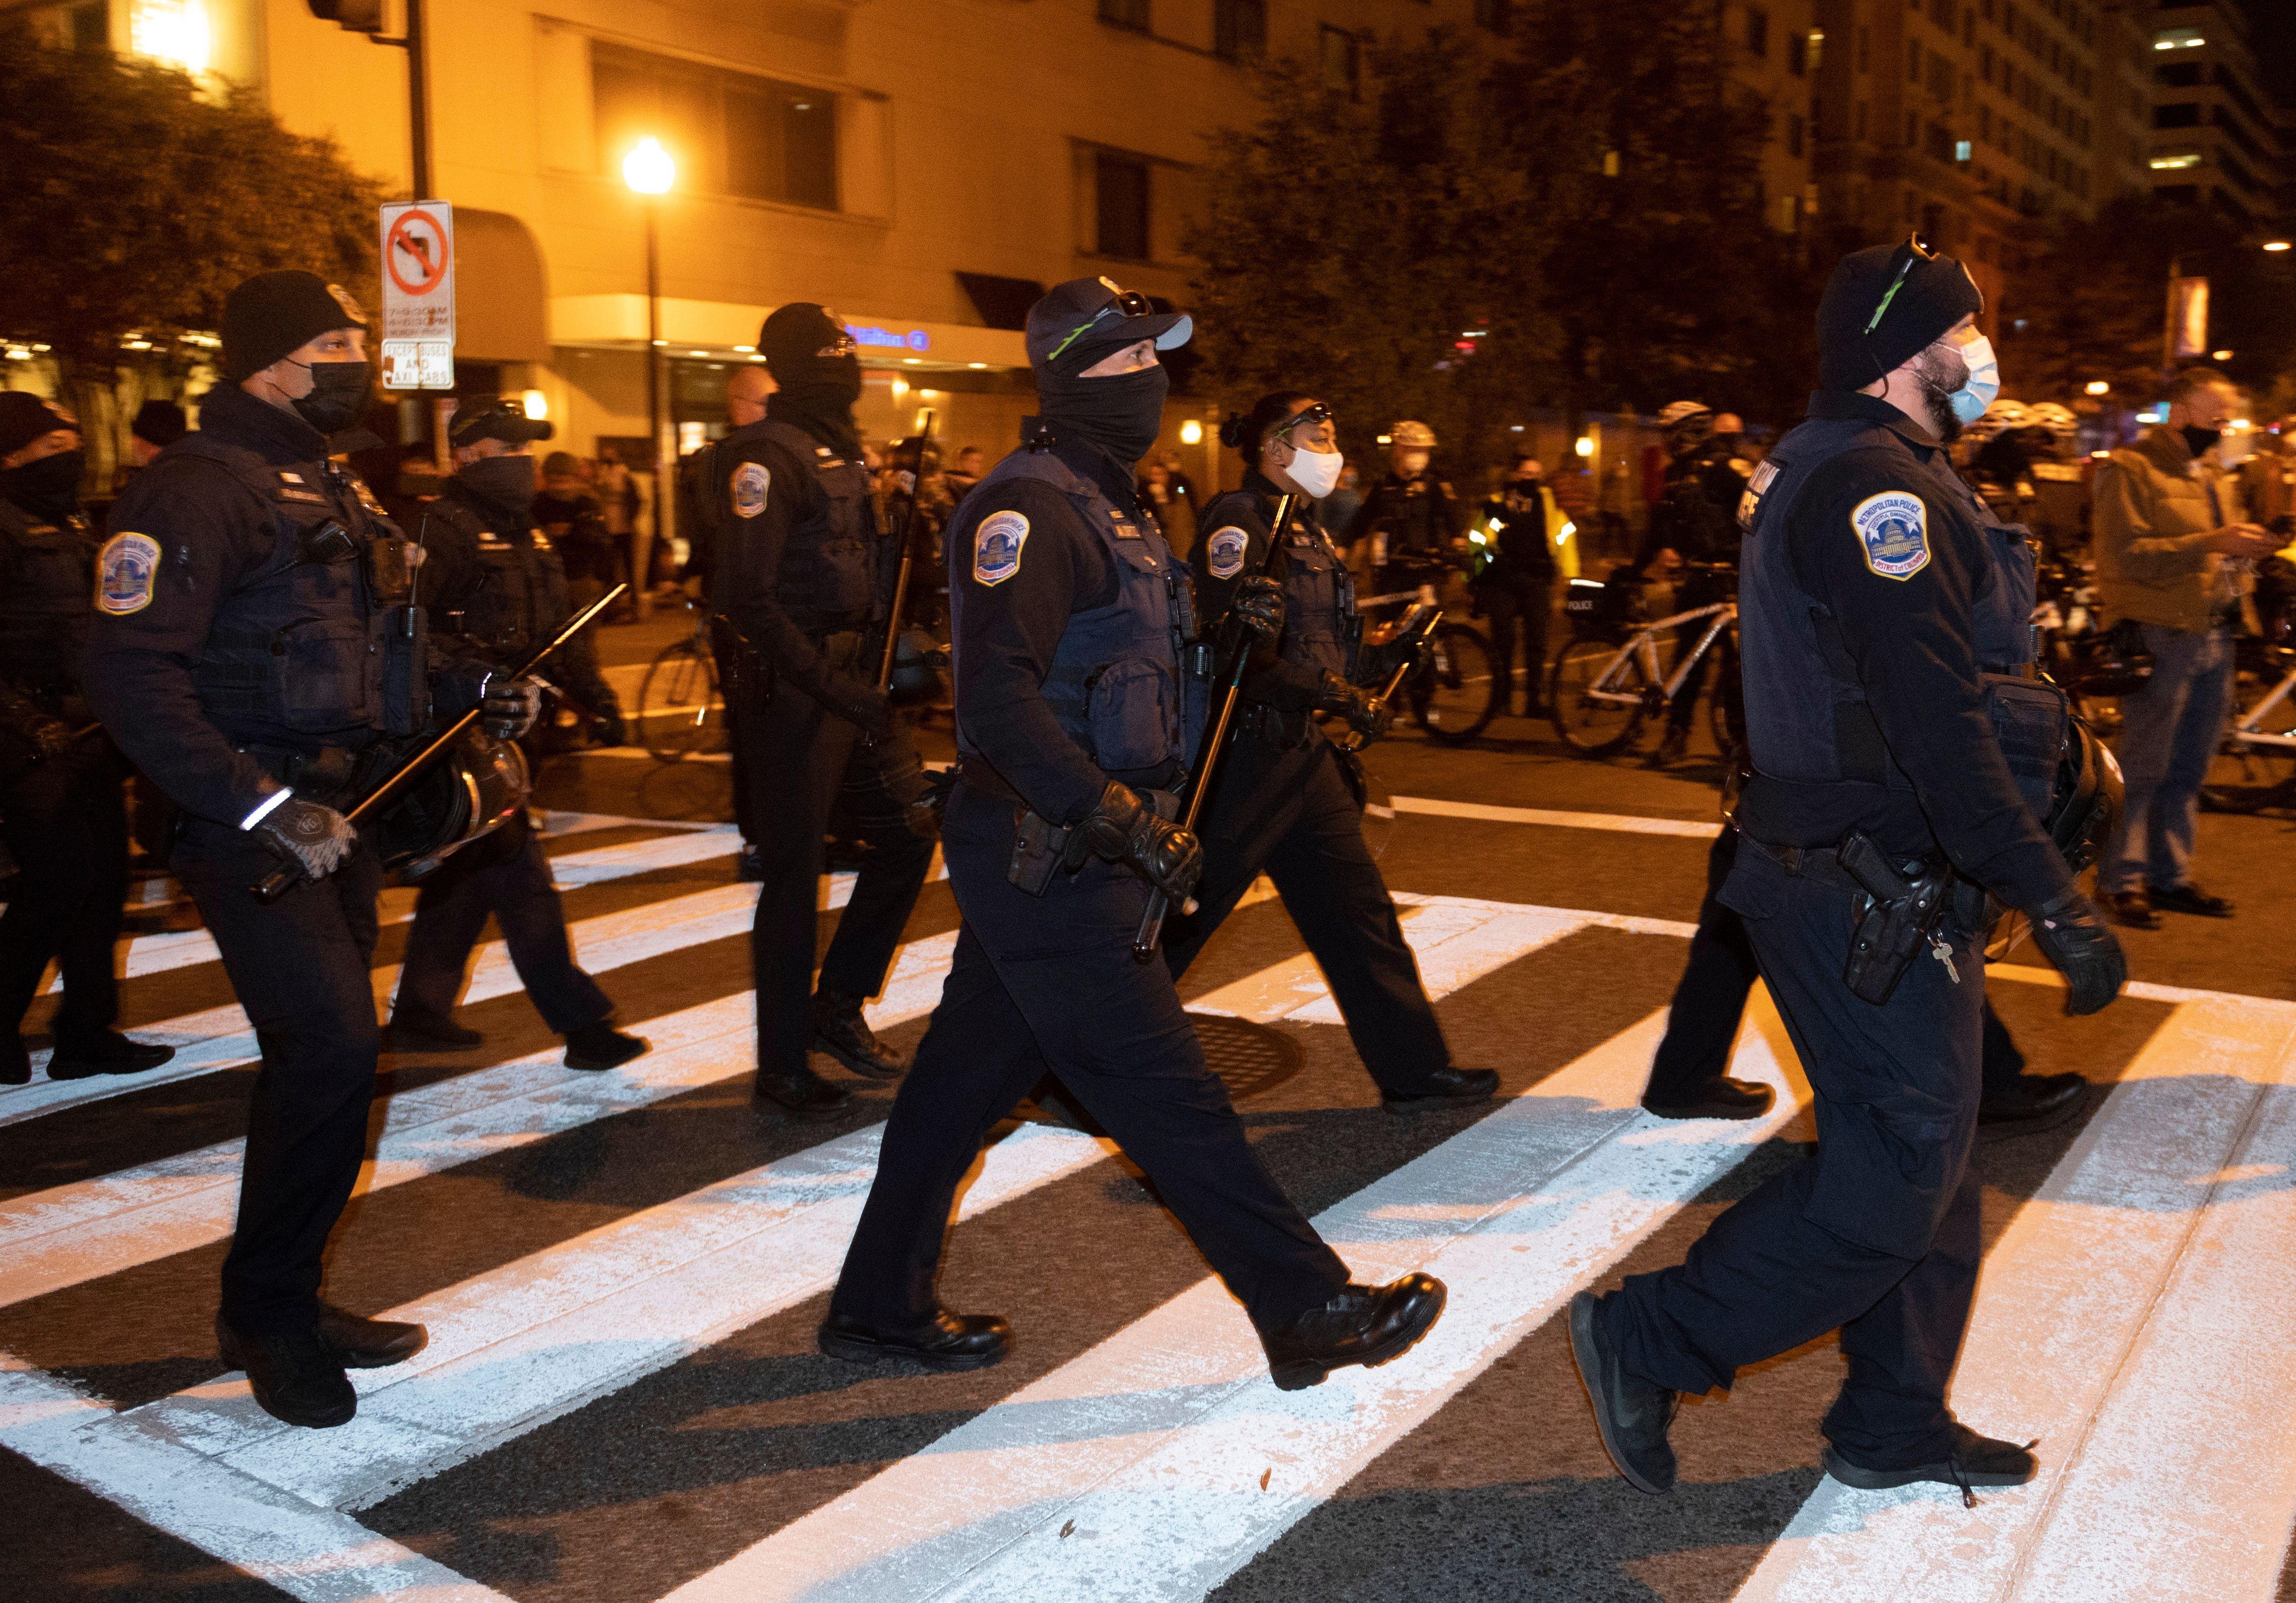 La police marche pour bloquer les contre-manifestants au Black Lives Matter Plaza après le rassemblement des partisans pro-Trump à Washington, DC, le 14 novembre